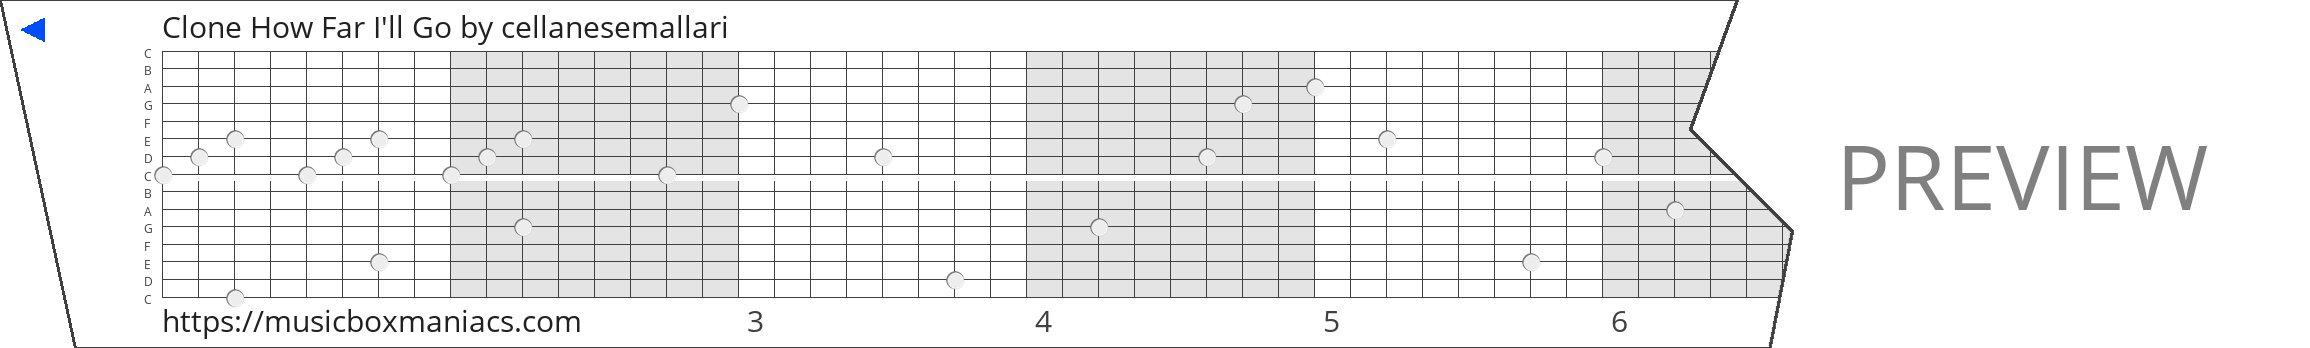 Clone How Far I'll Go 15 note music box paper strip